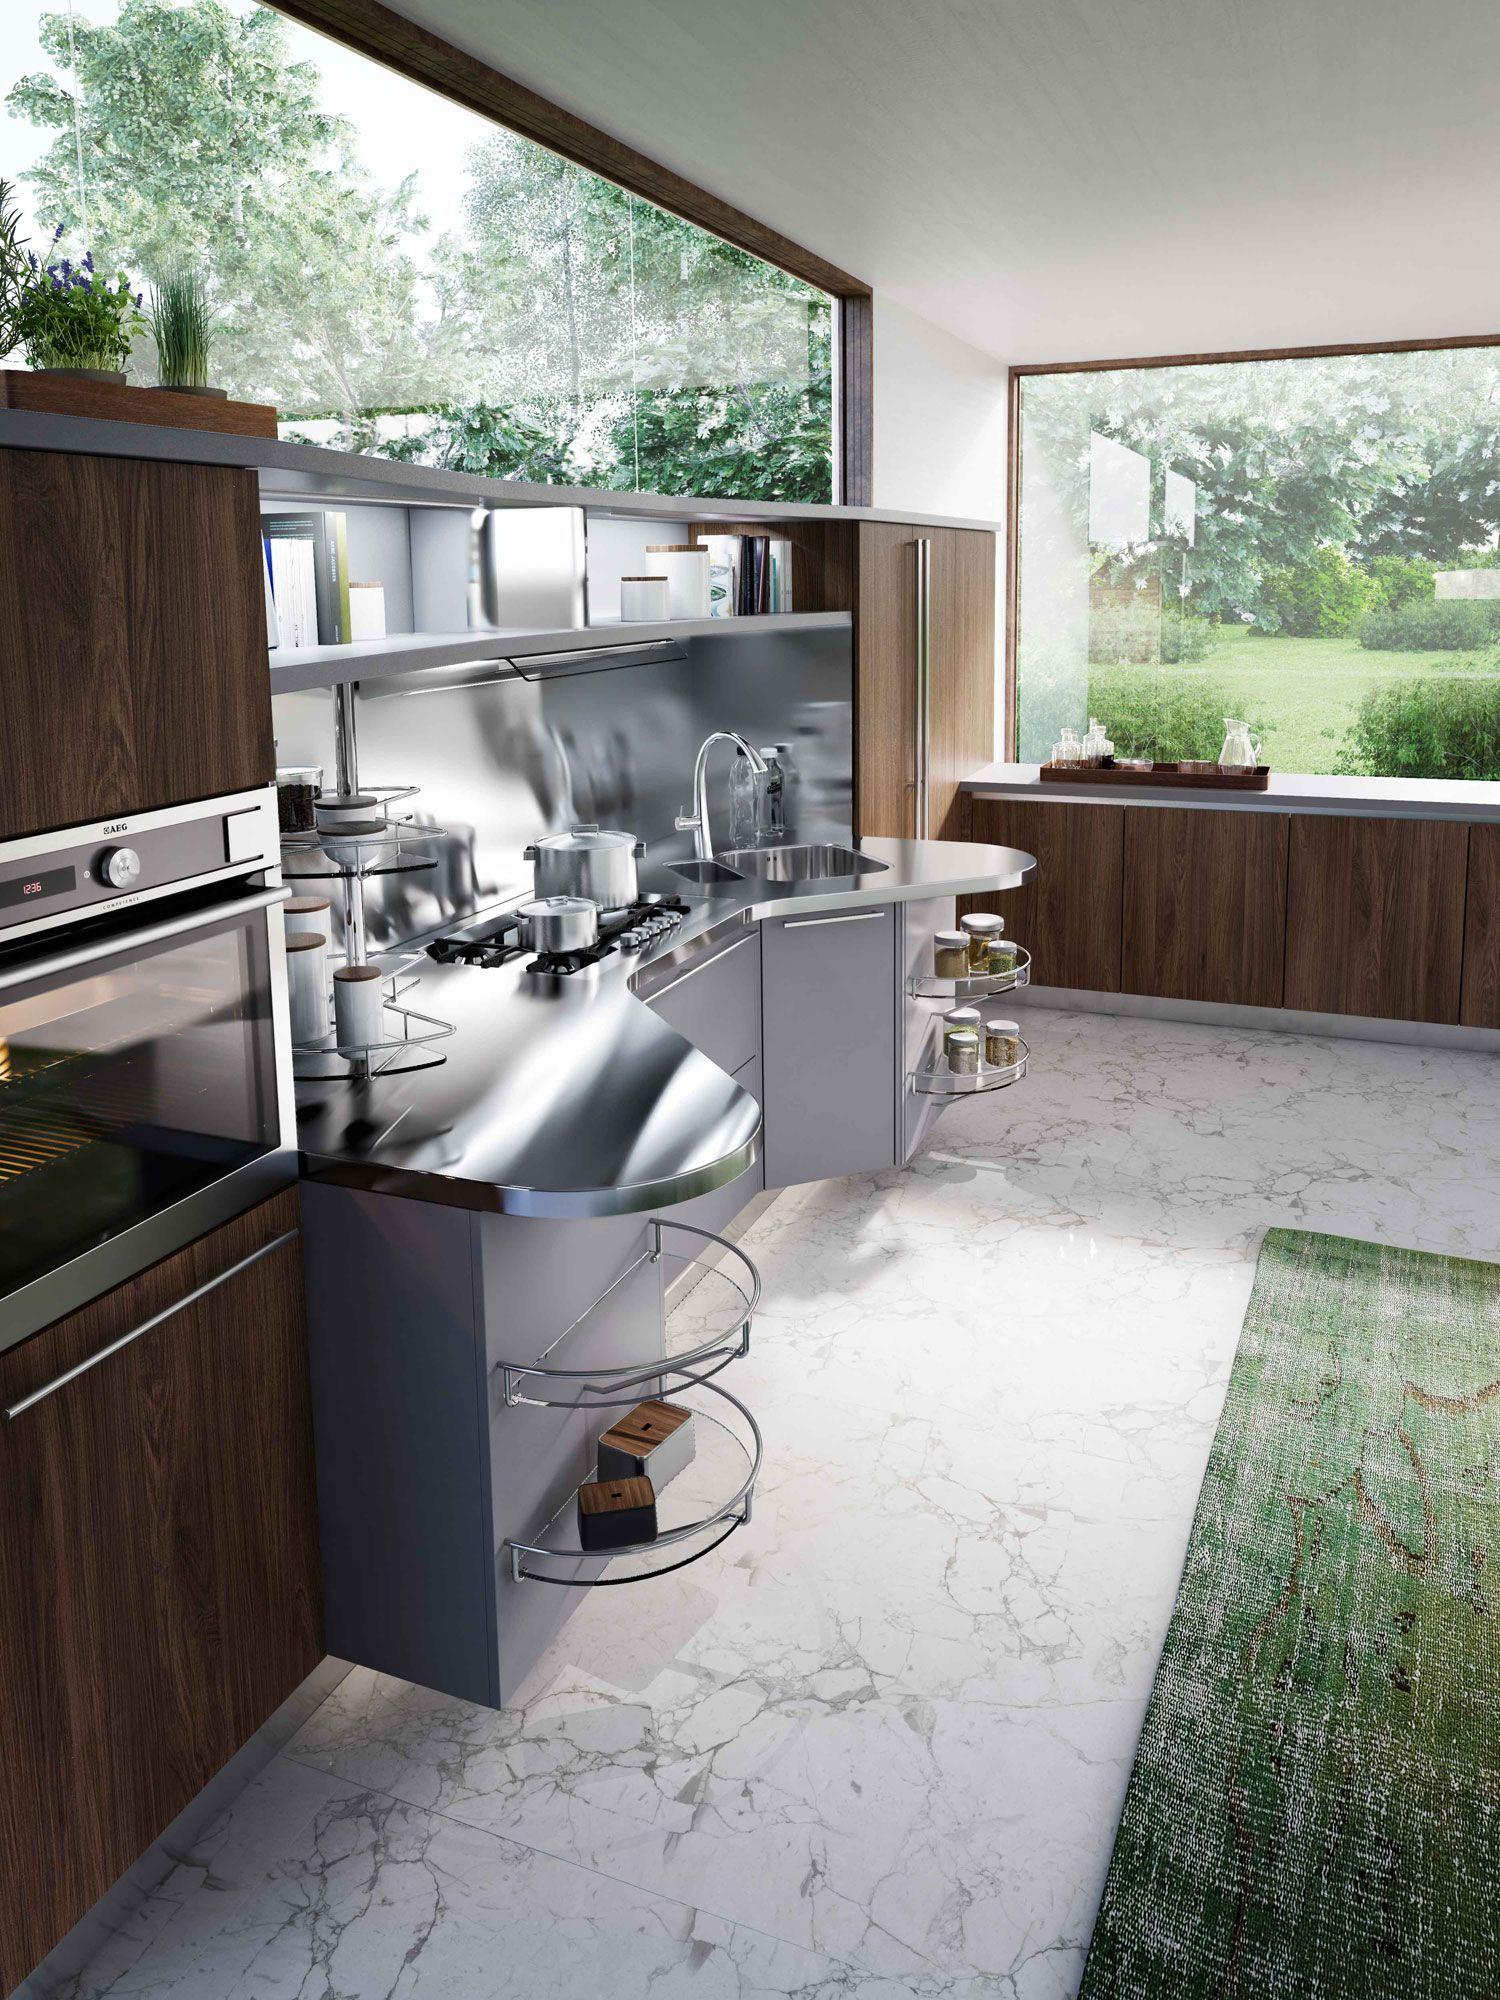 Cucina #Kitchen #Skyline 2.0 with work units in Platinum grey ...